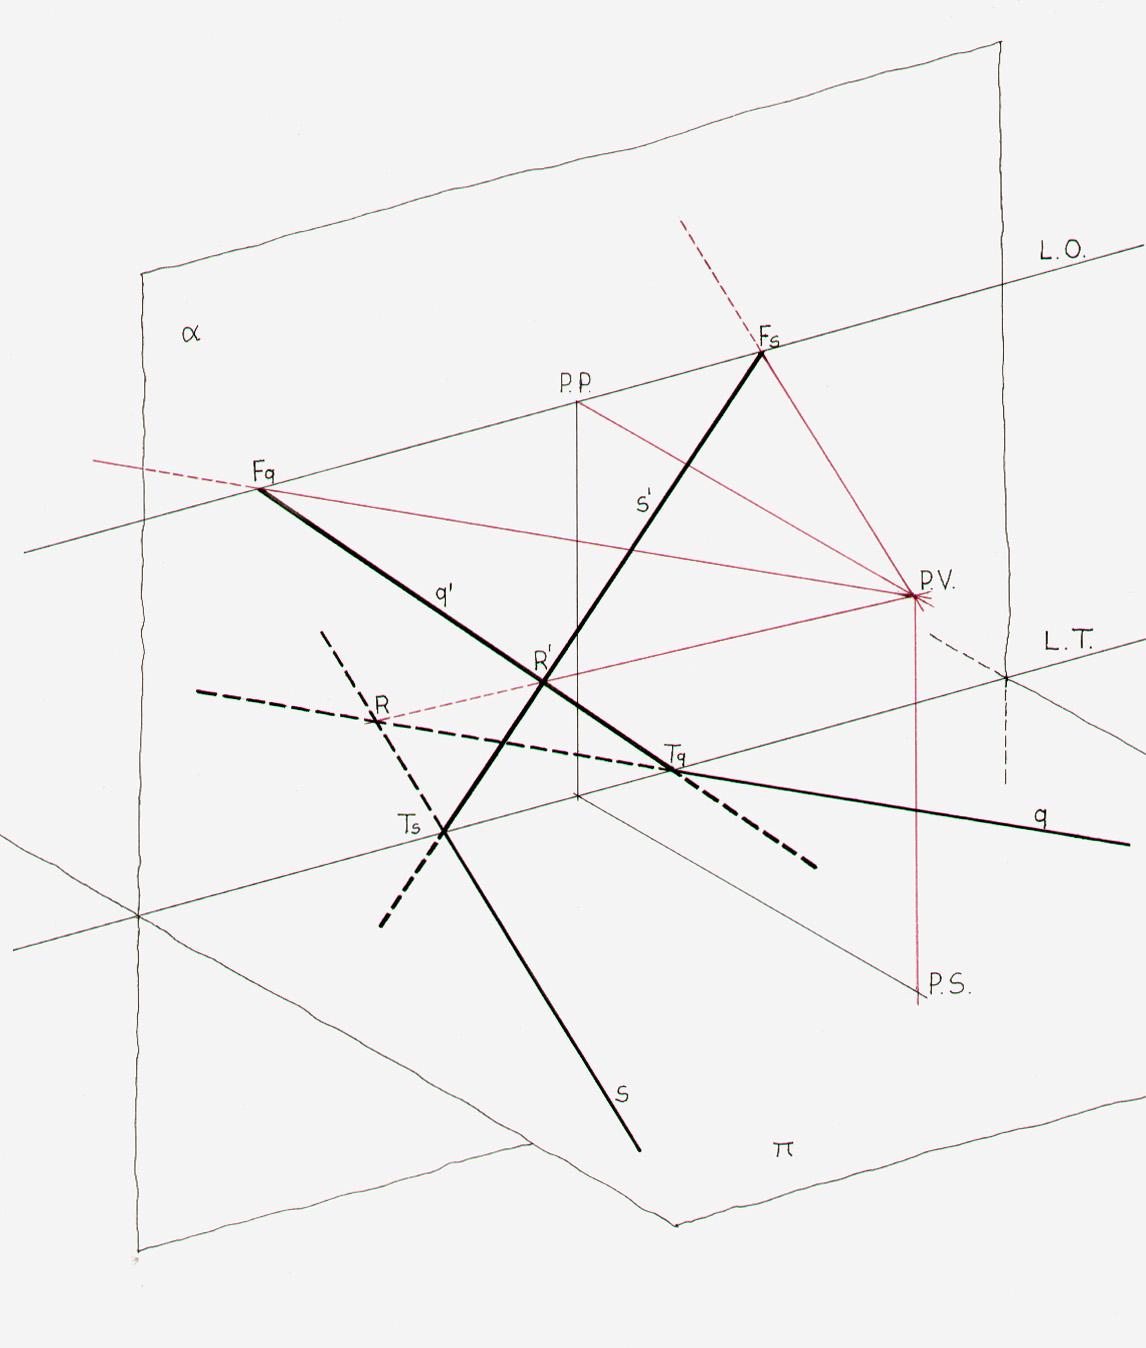 Ponto de fuga wikipdia a enciclopdia livre na figura 1 encontram se representados os seguintes elementos do sistema projetivo ccuart Gallery